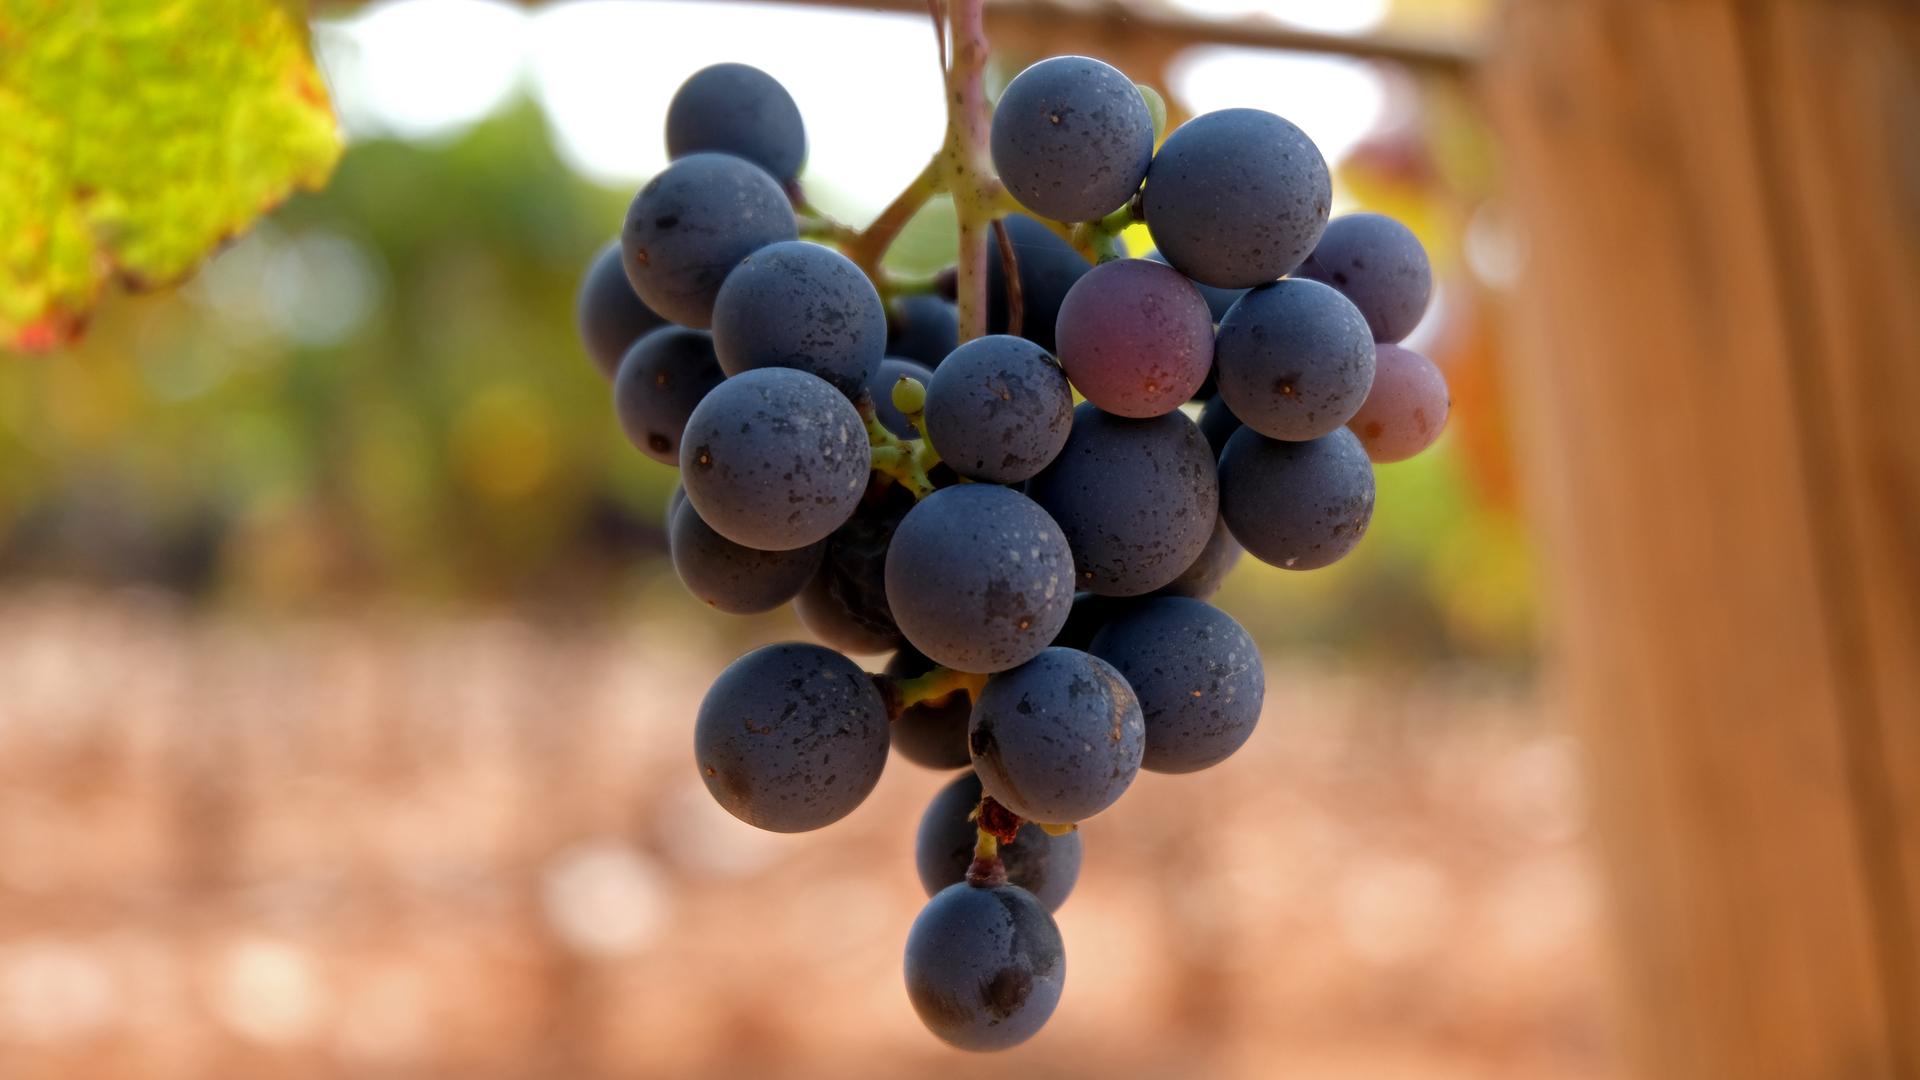 Grapes 1920x1080